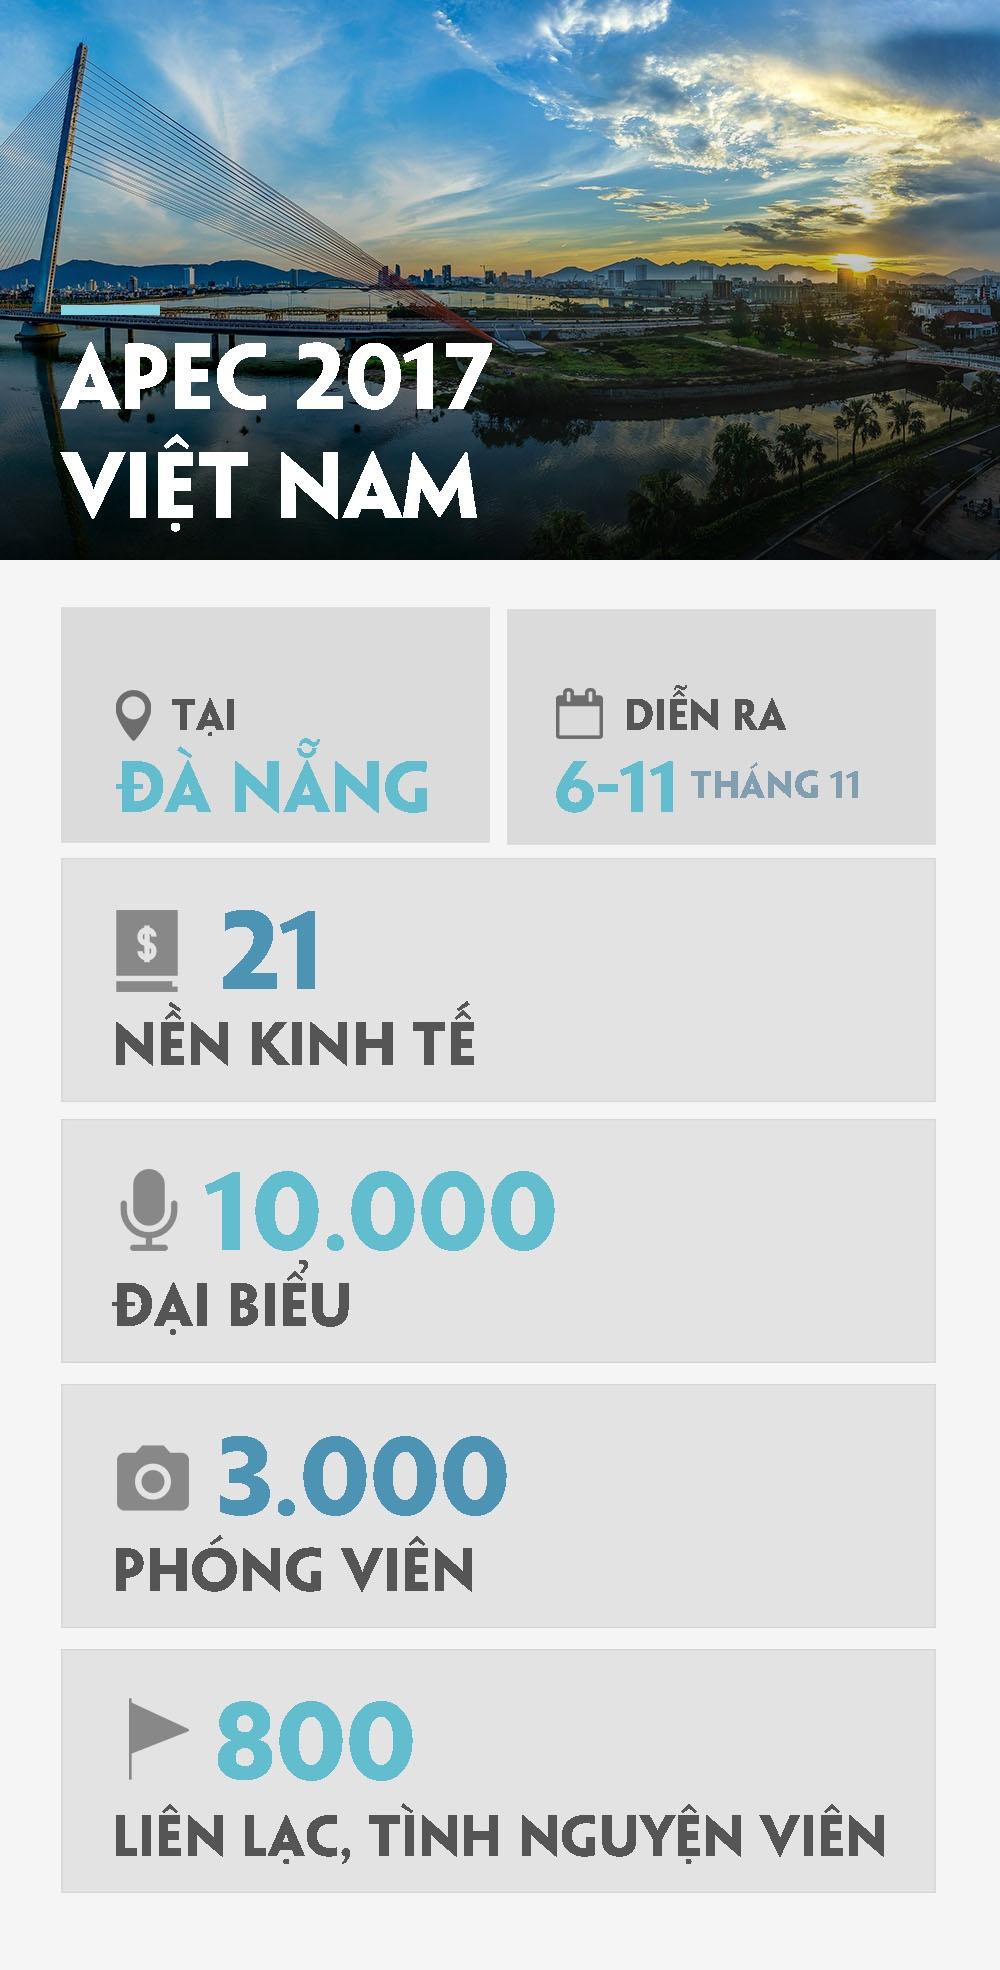 Chuyen gia Vo Tri Thanh: Viet Nam giup giu cai 'chat' APEC hinh anh 2